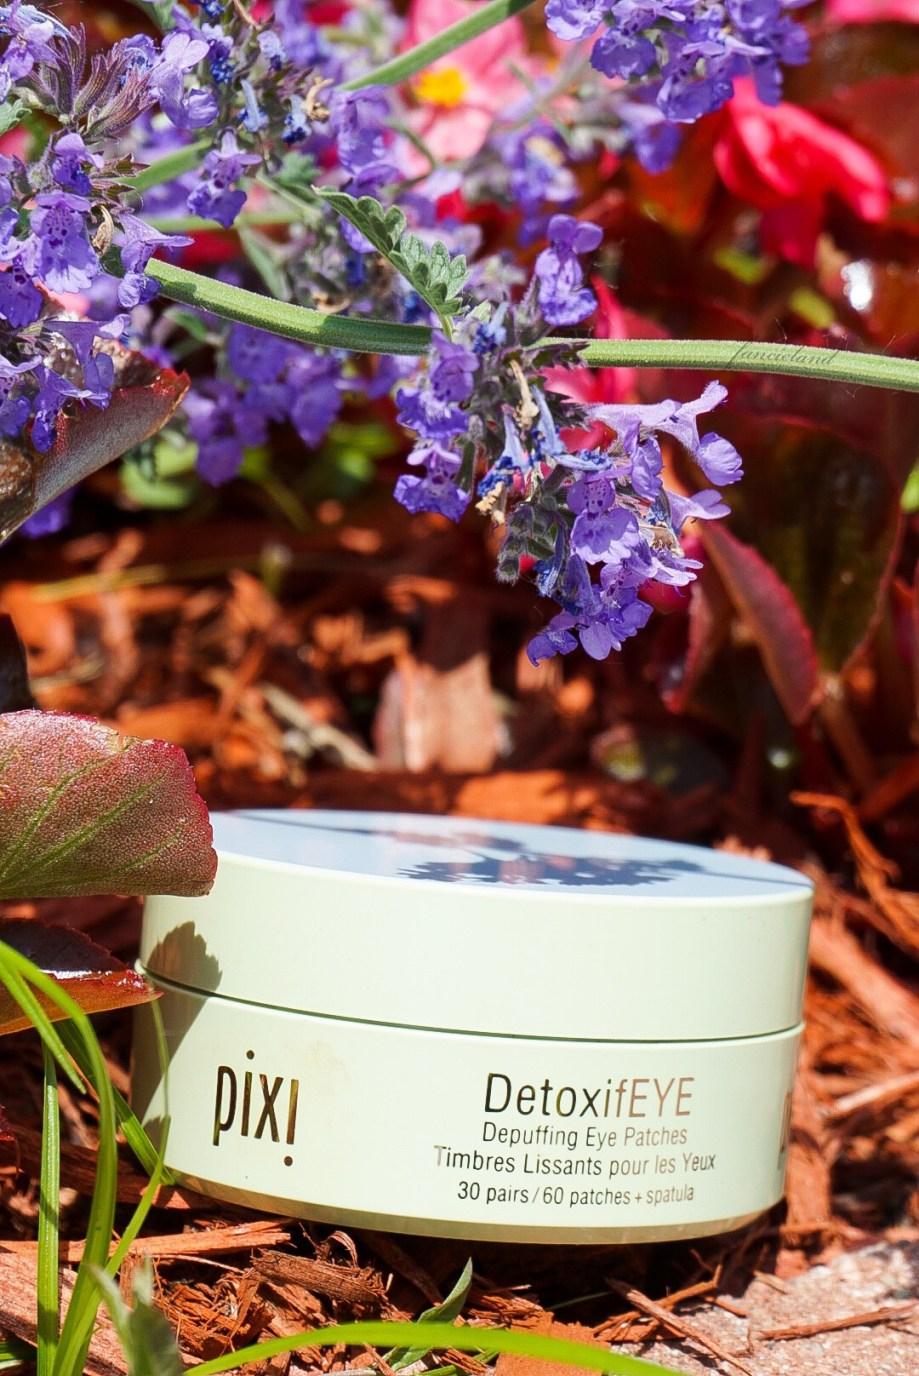 Pixi DetoxifEYE Depuffing Hydro Gel Eye Patches Review